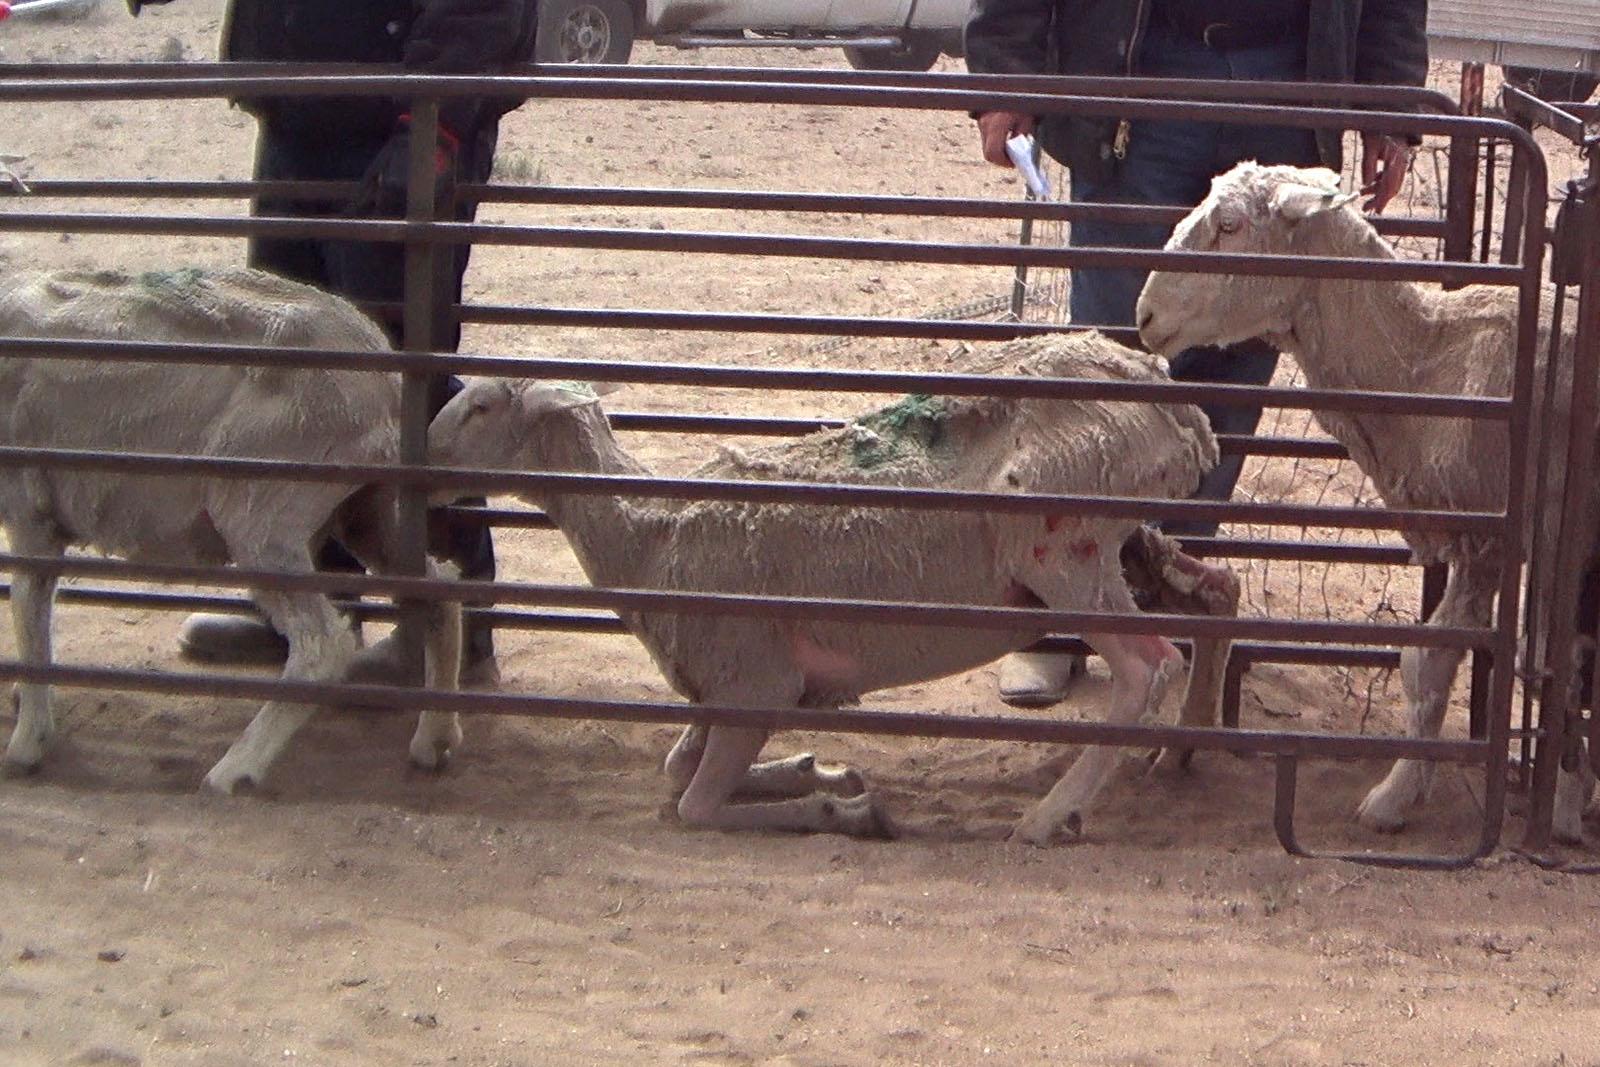 Schaf wunden